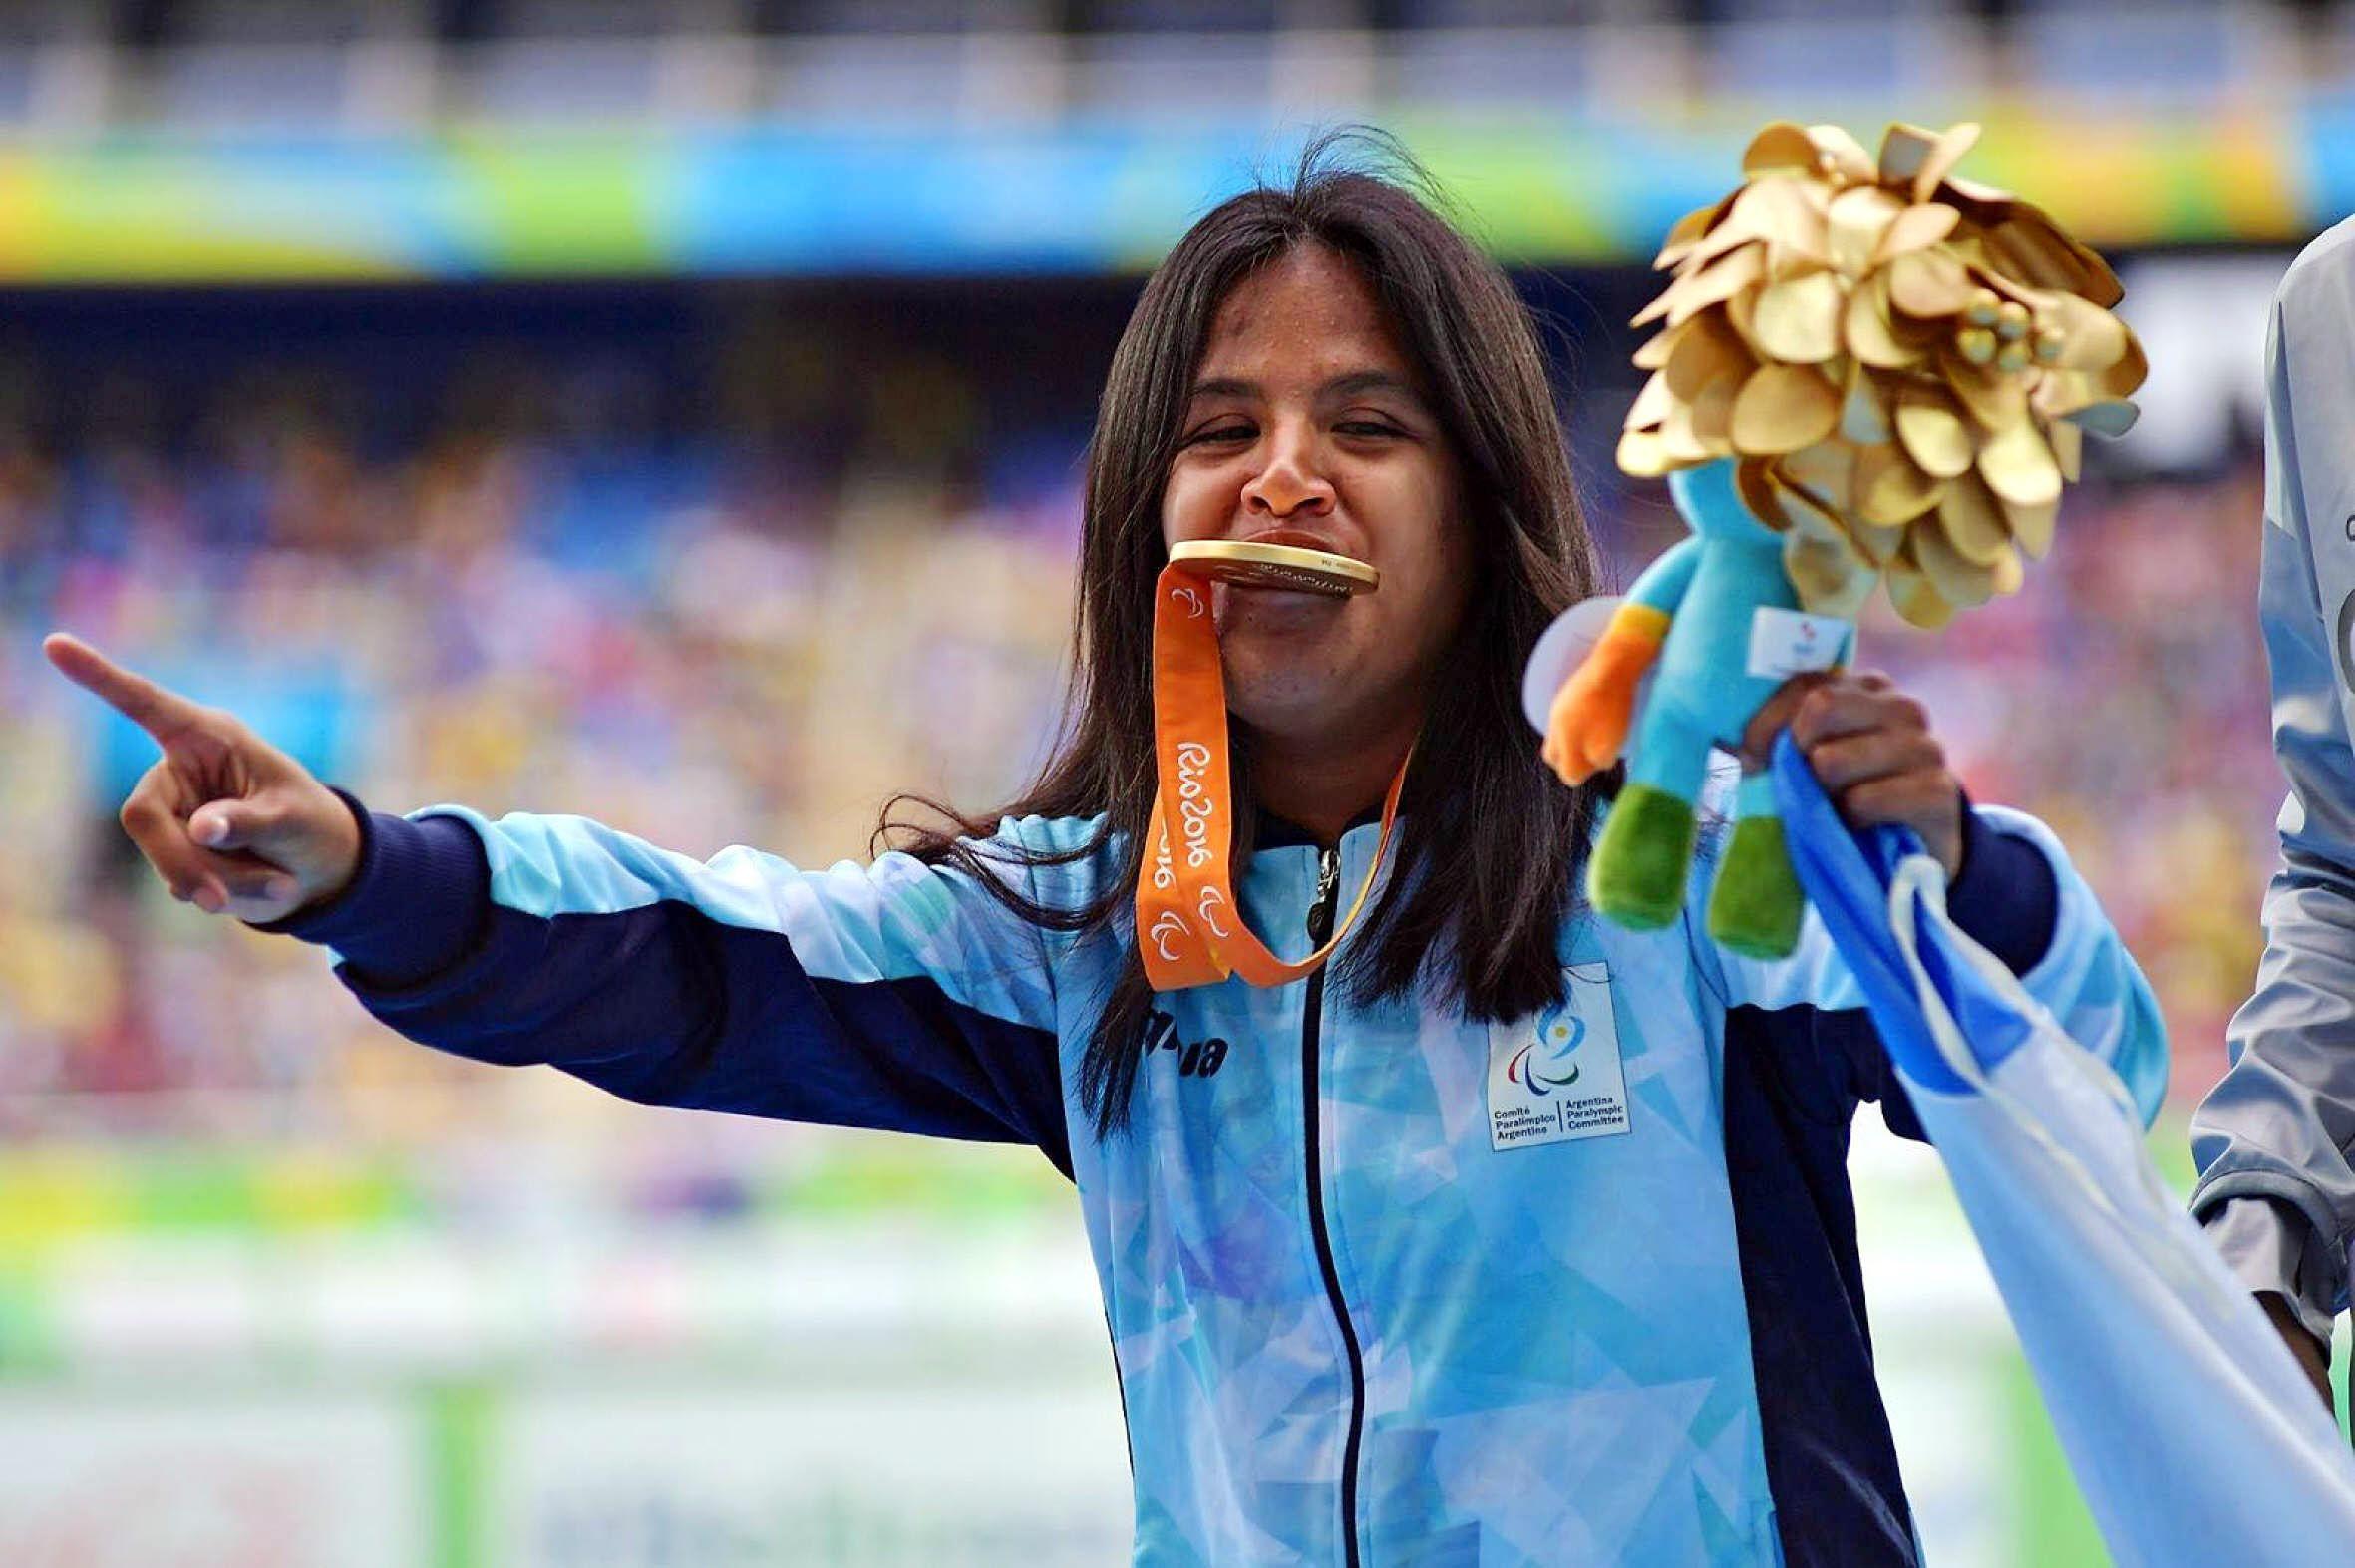 Le quitan pensión a atleta paralímpica que ganó oro en Río 2016